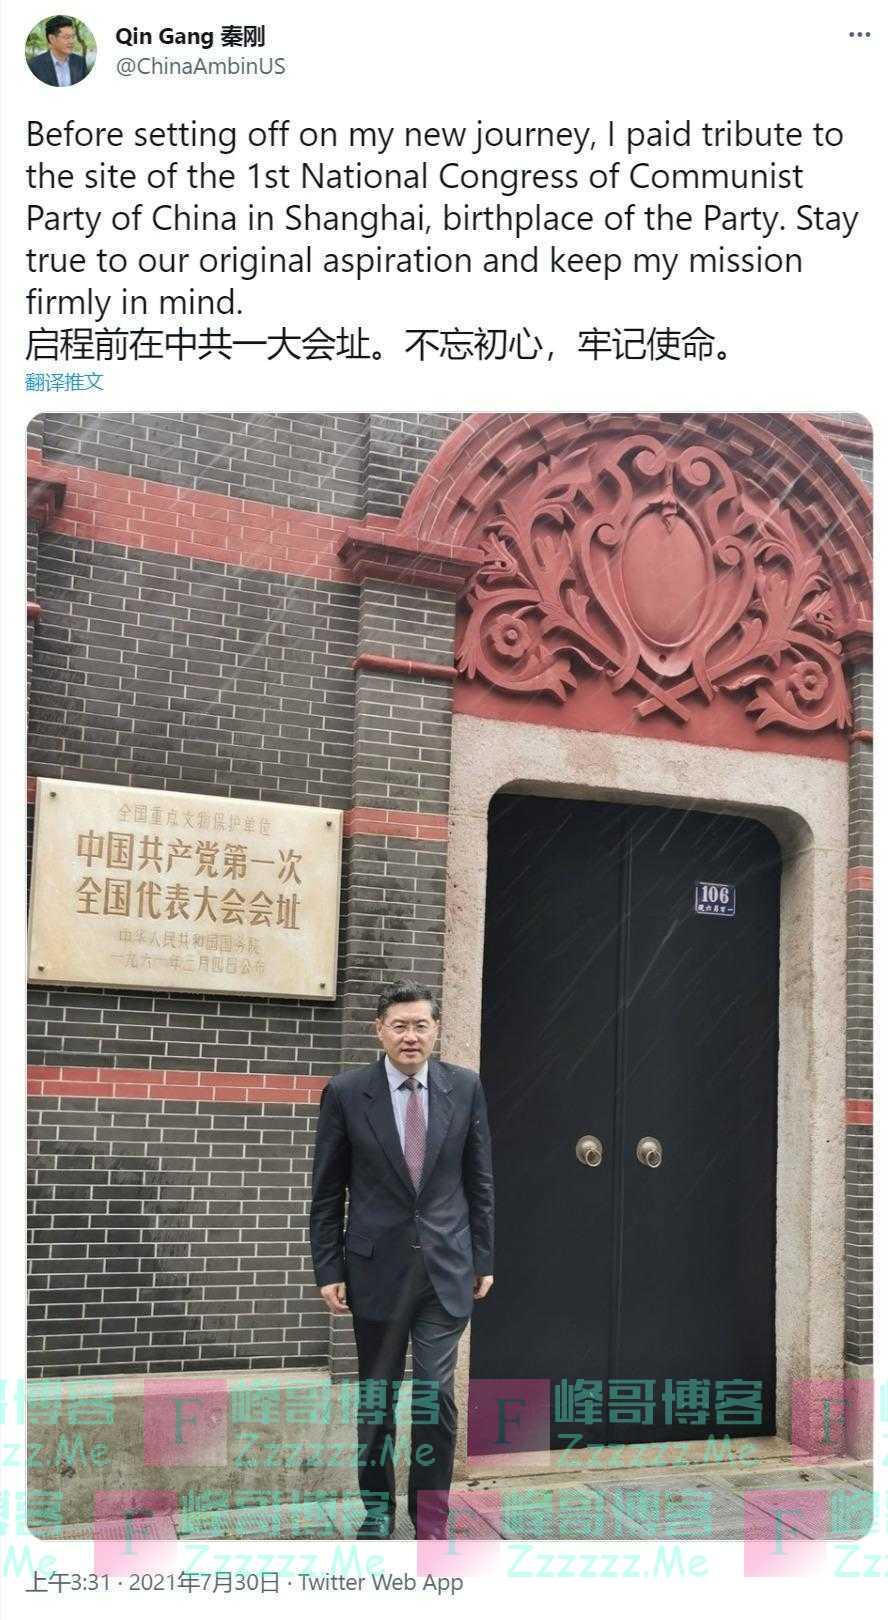 启程前,新任驻美大使秦刚去了两个地方